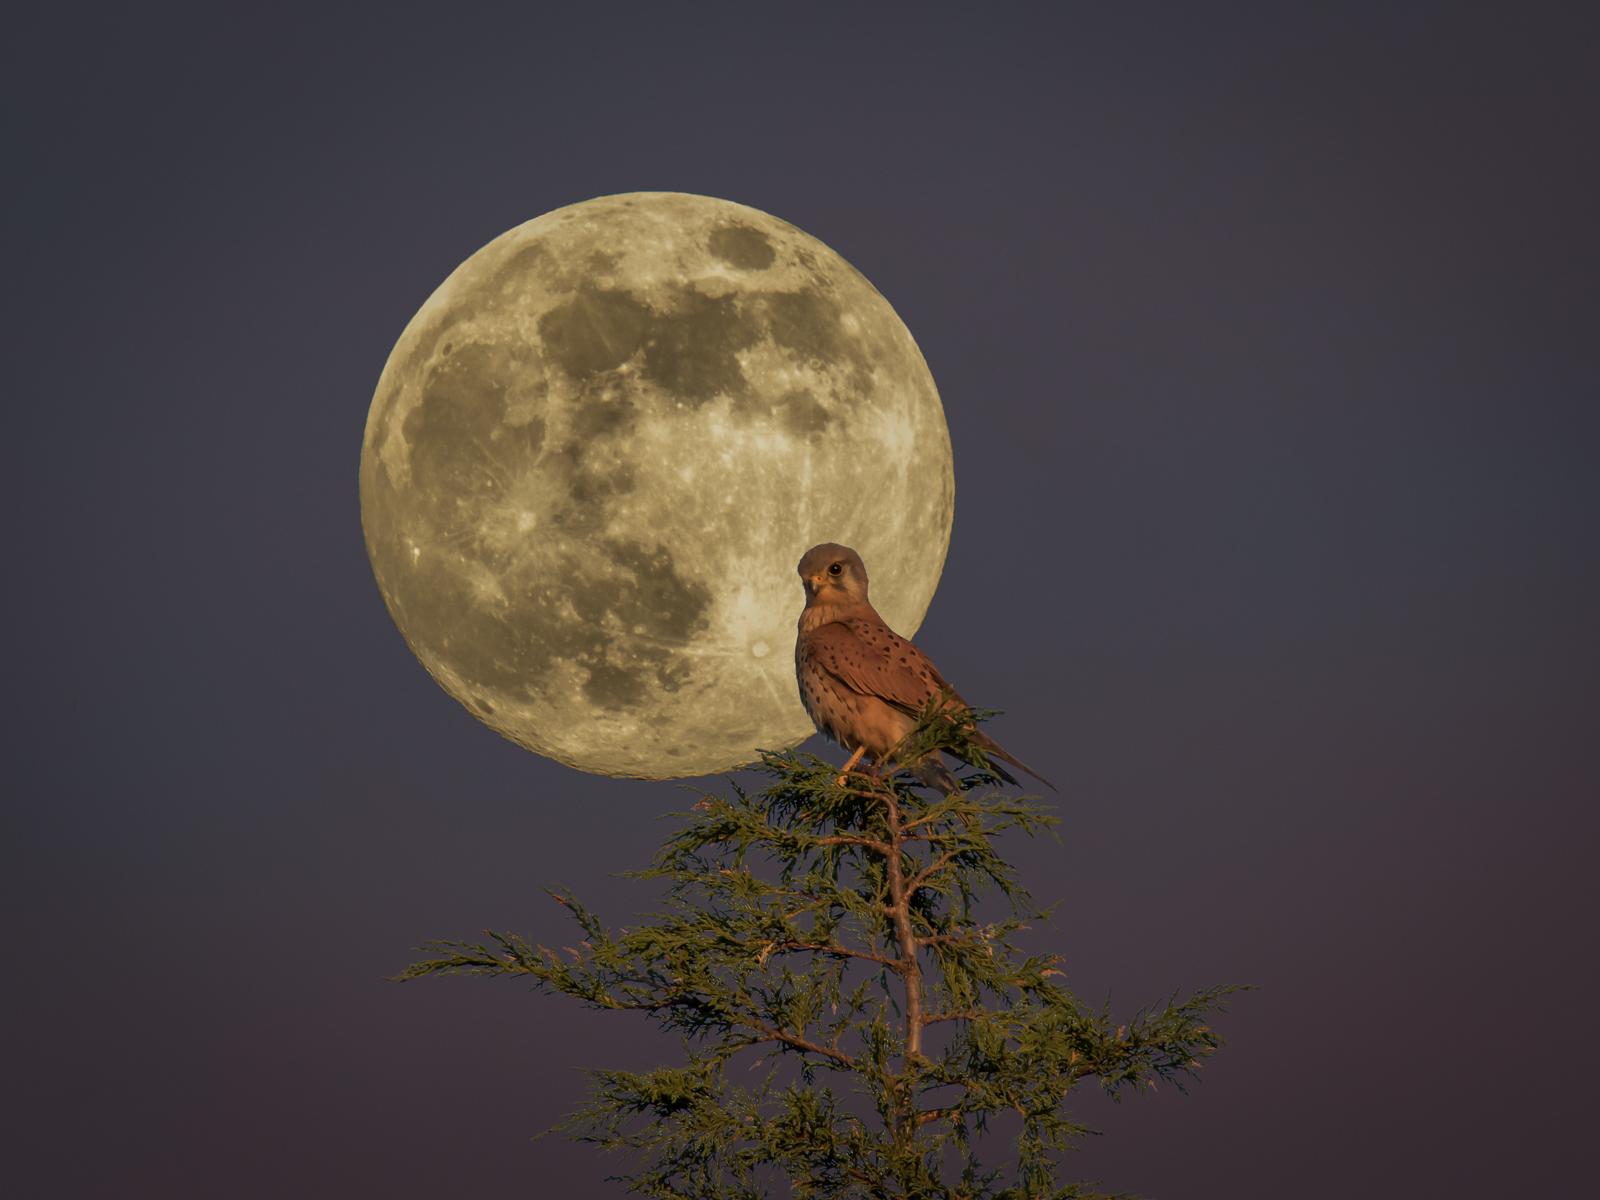 Kestrel at Full Moon